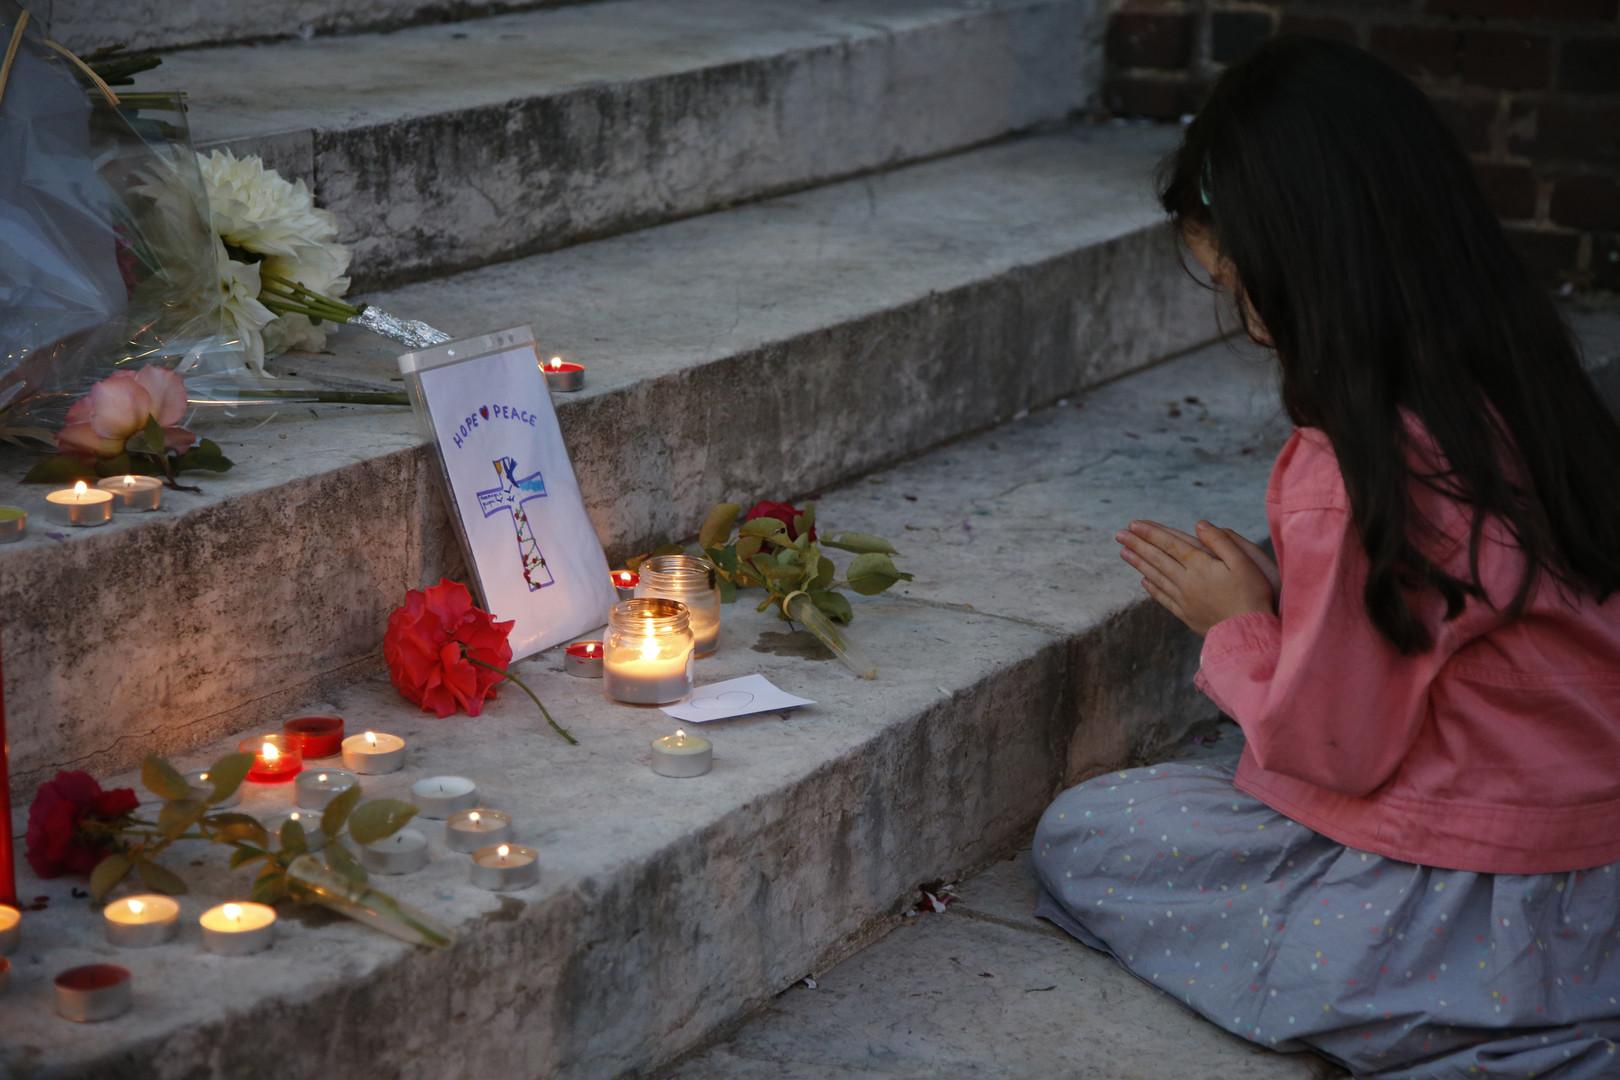 Эксперты о теракте во Франции: террористы пытались заявить, что от них нигде не укрыться